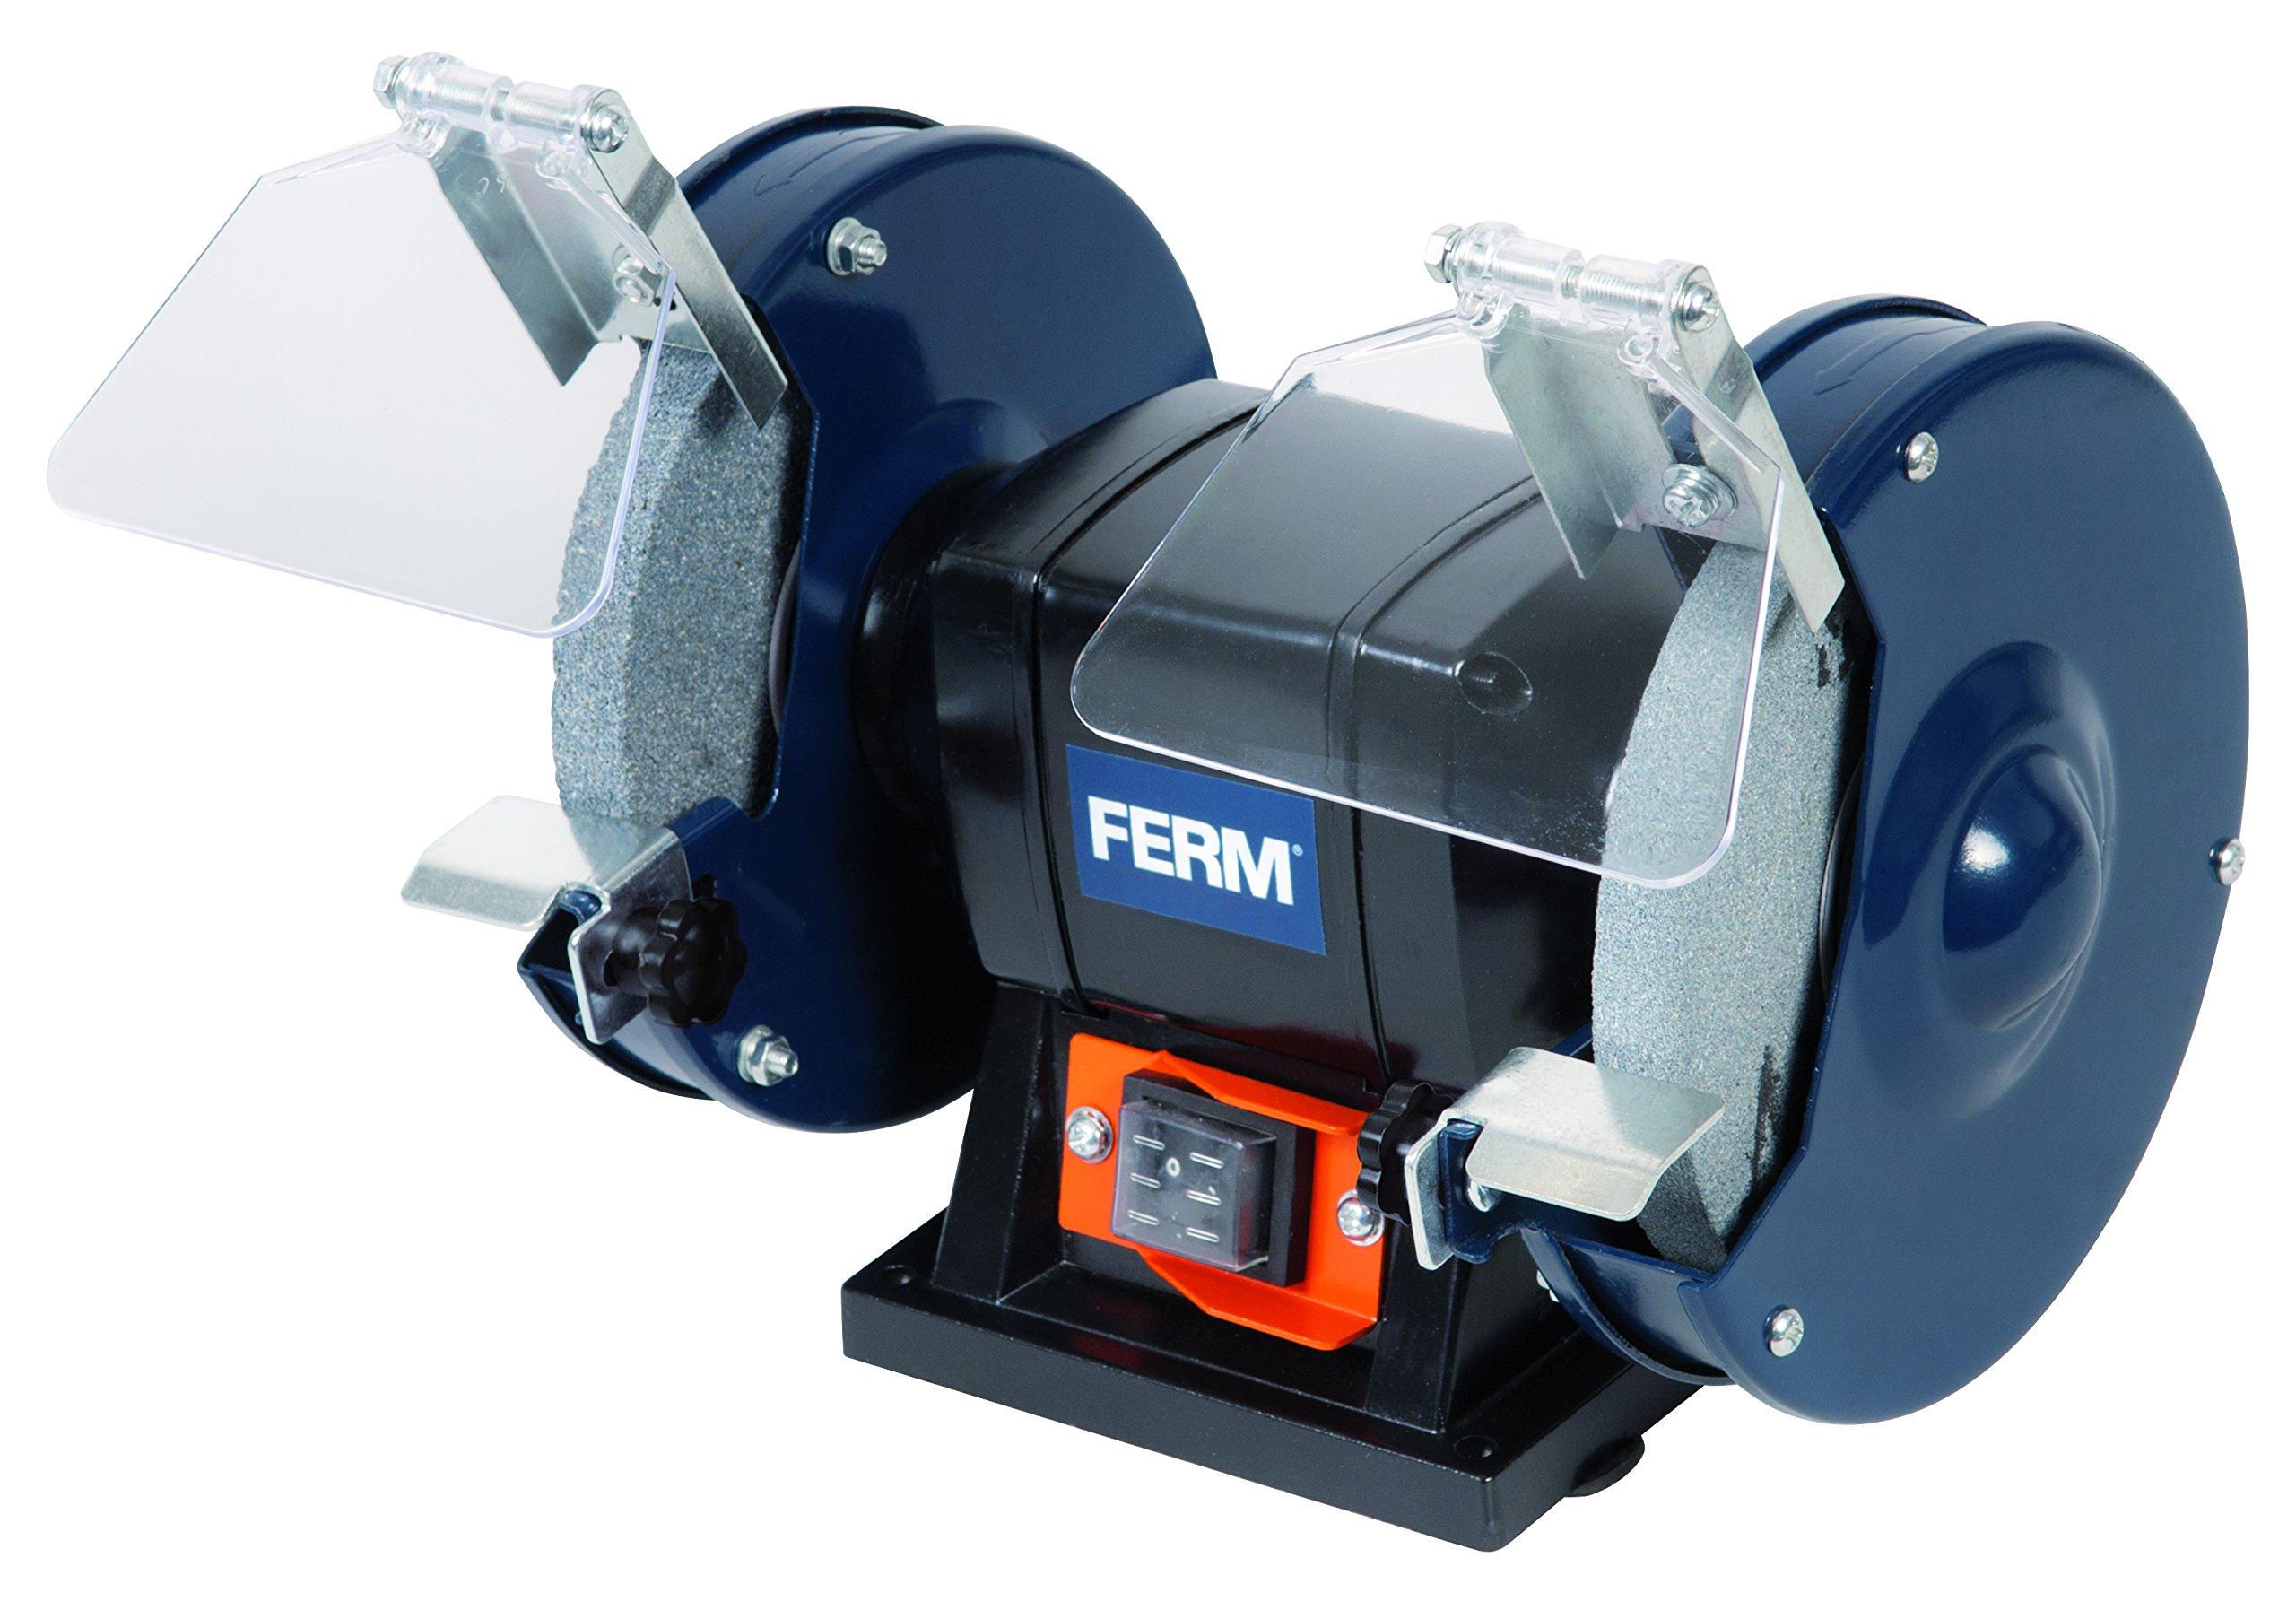 FERM Molatrice da banco 150W 150mm - Incl. 2 mole product image